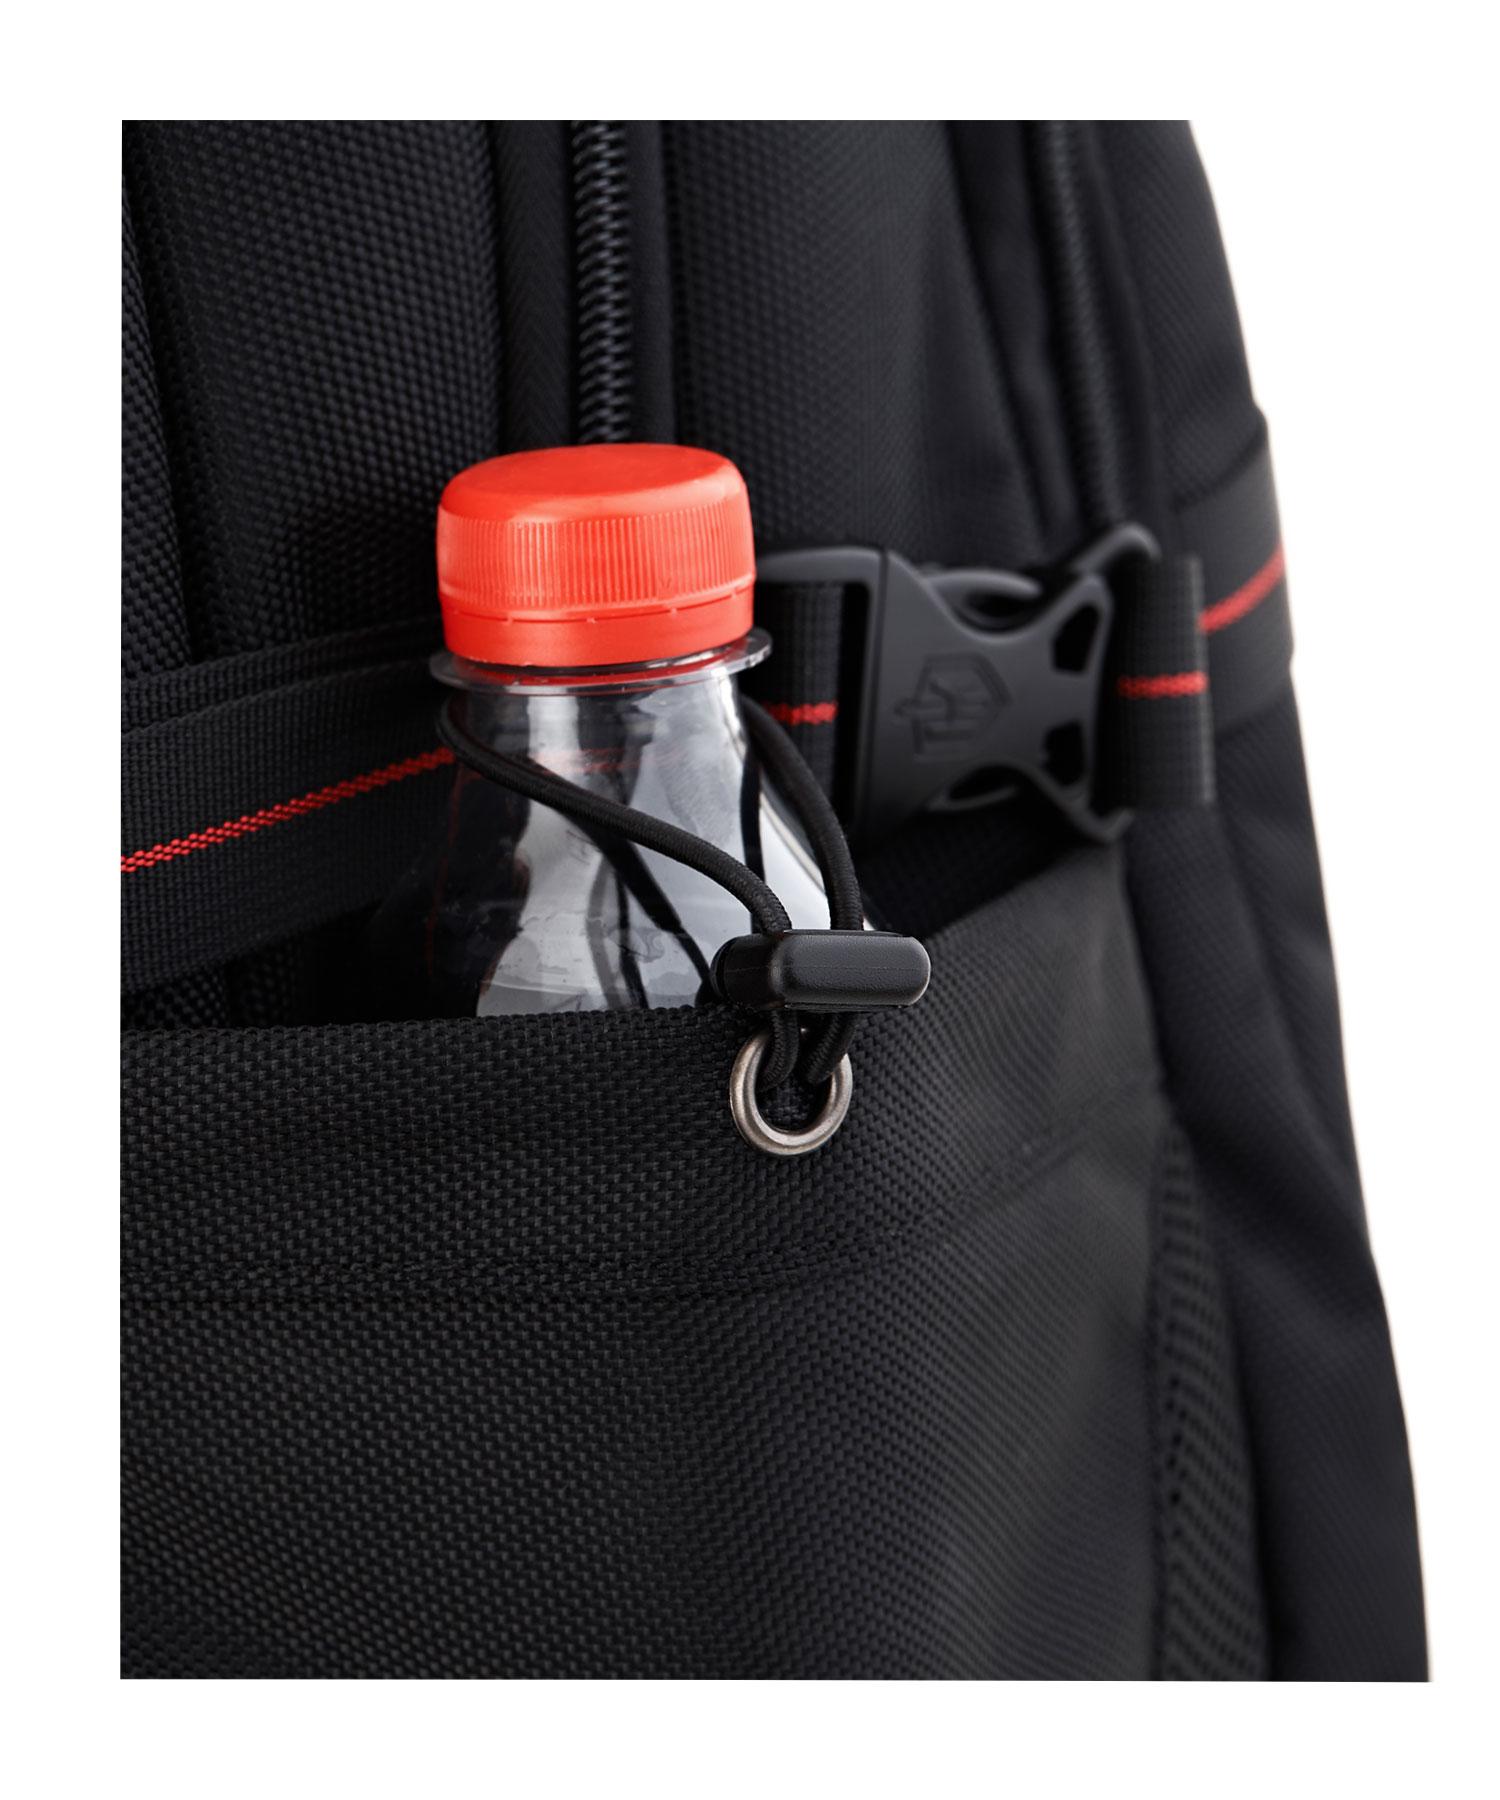 krimcode backpack bottle holder pocket